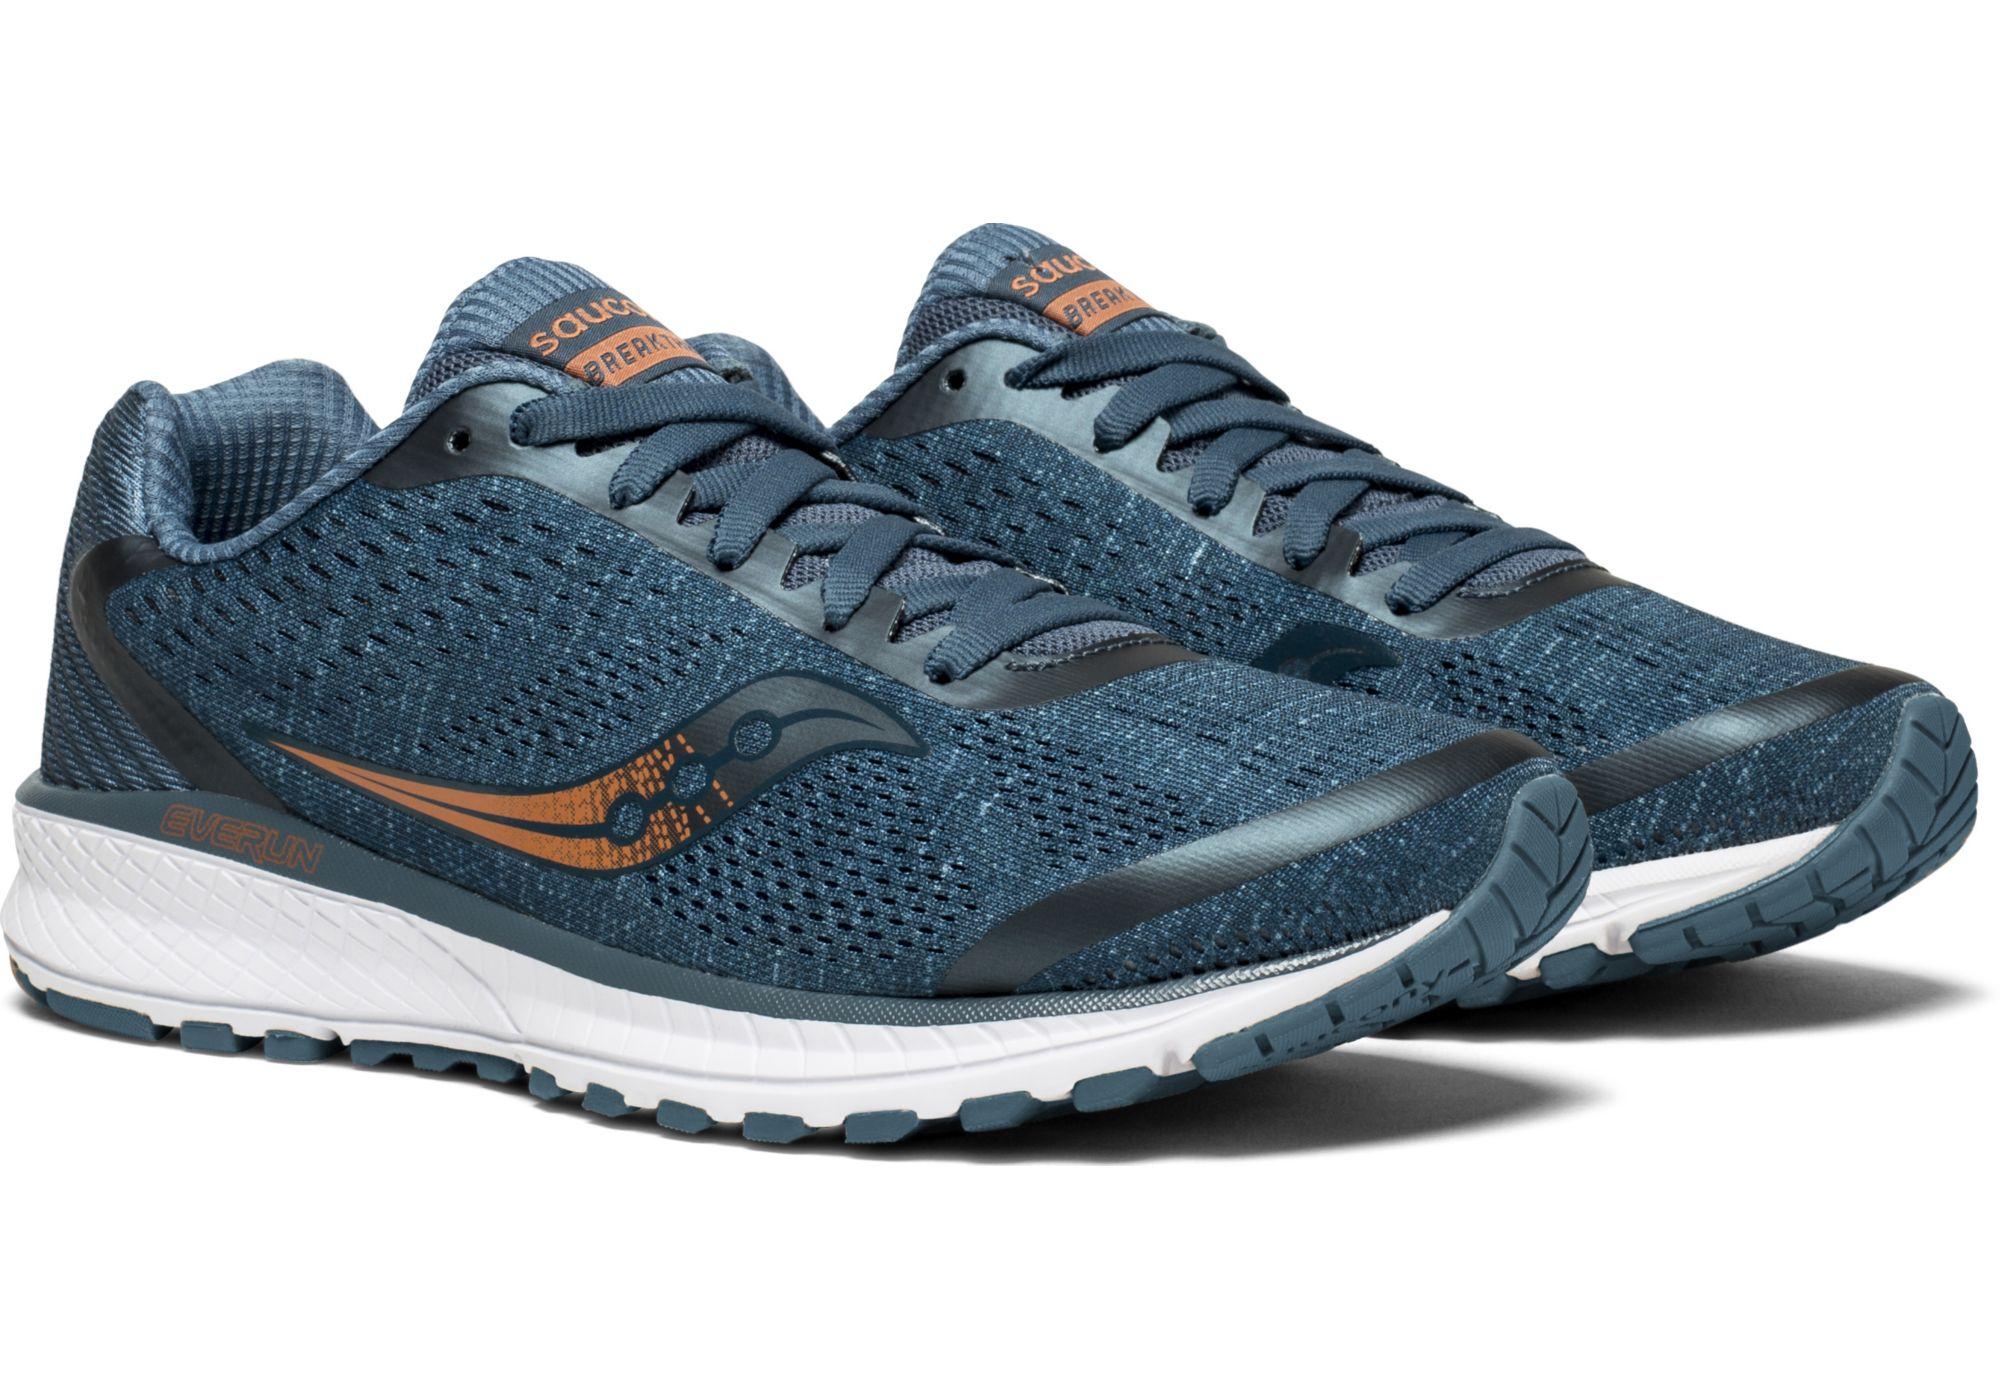 d61a2a6b1cb8 SAUCONY Breakthru 4 Women s Running Shoes Dark Blue